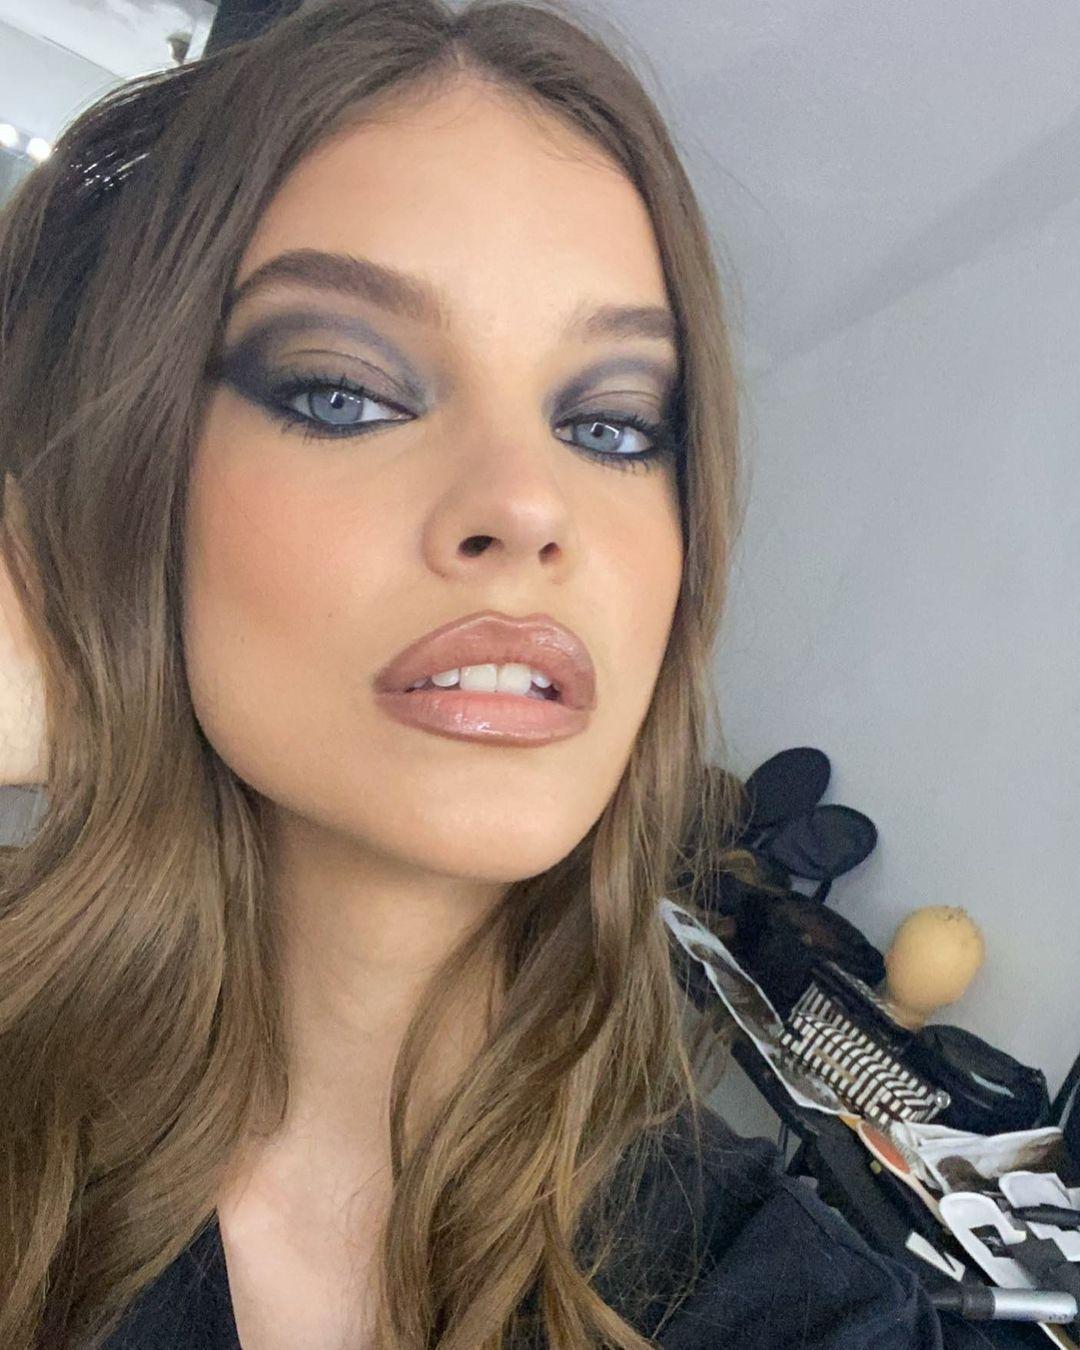 Barbara Palvin Beautiful Face